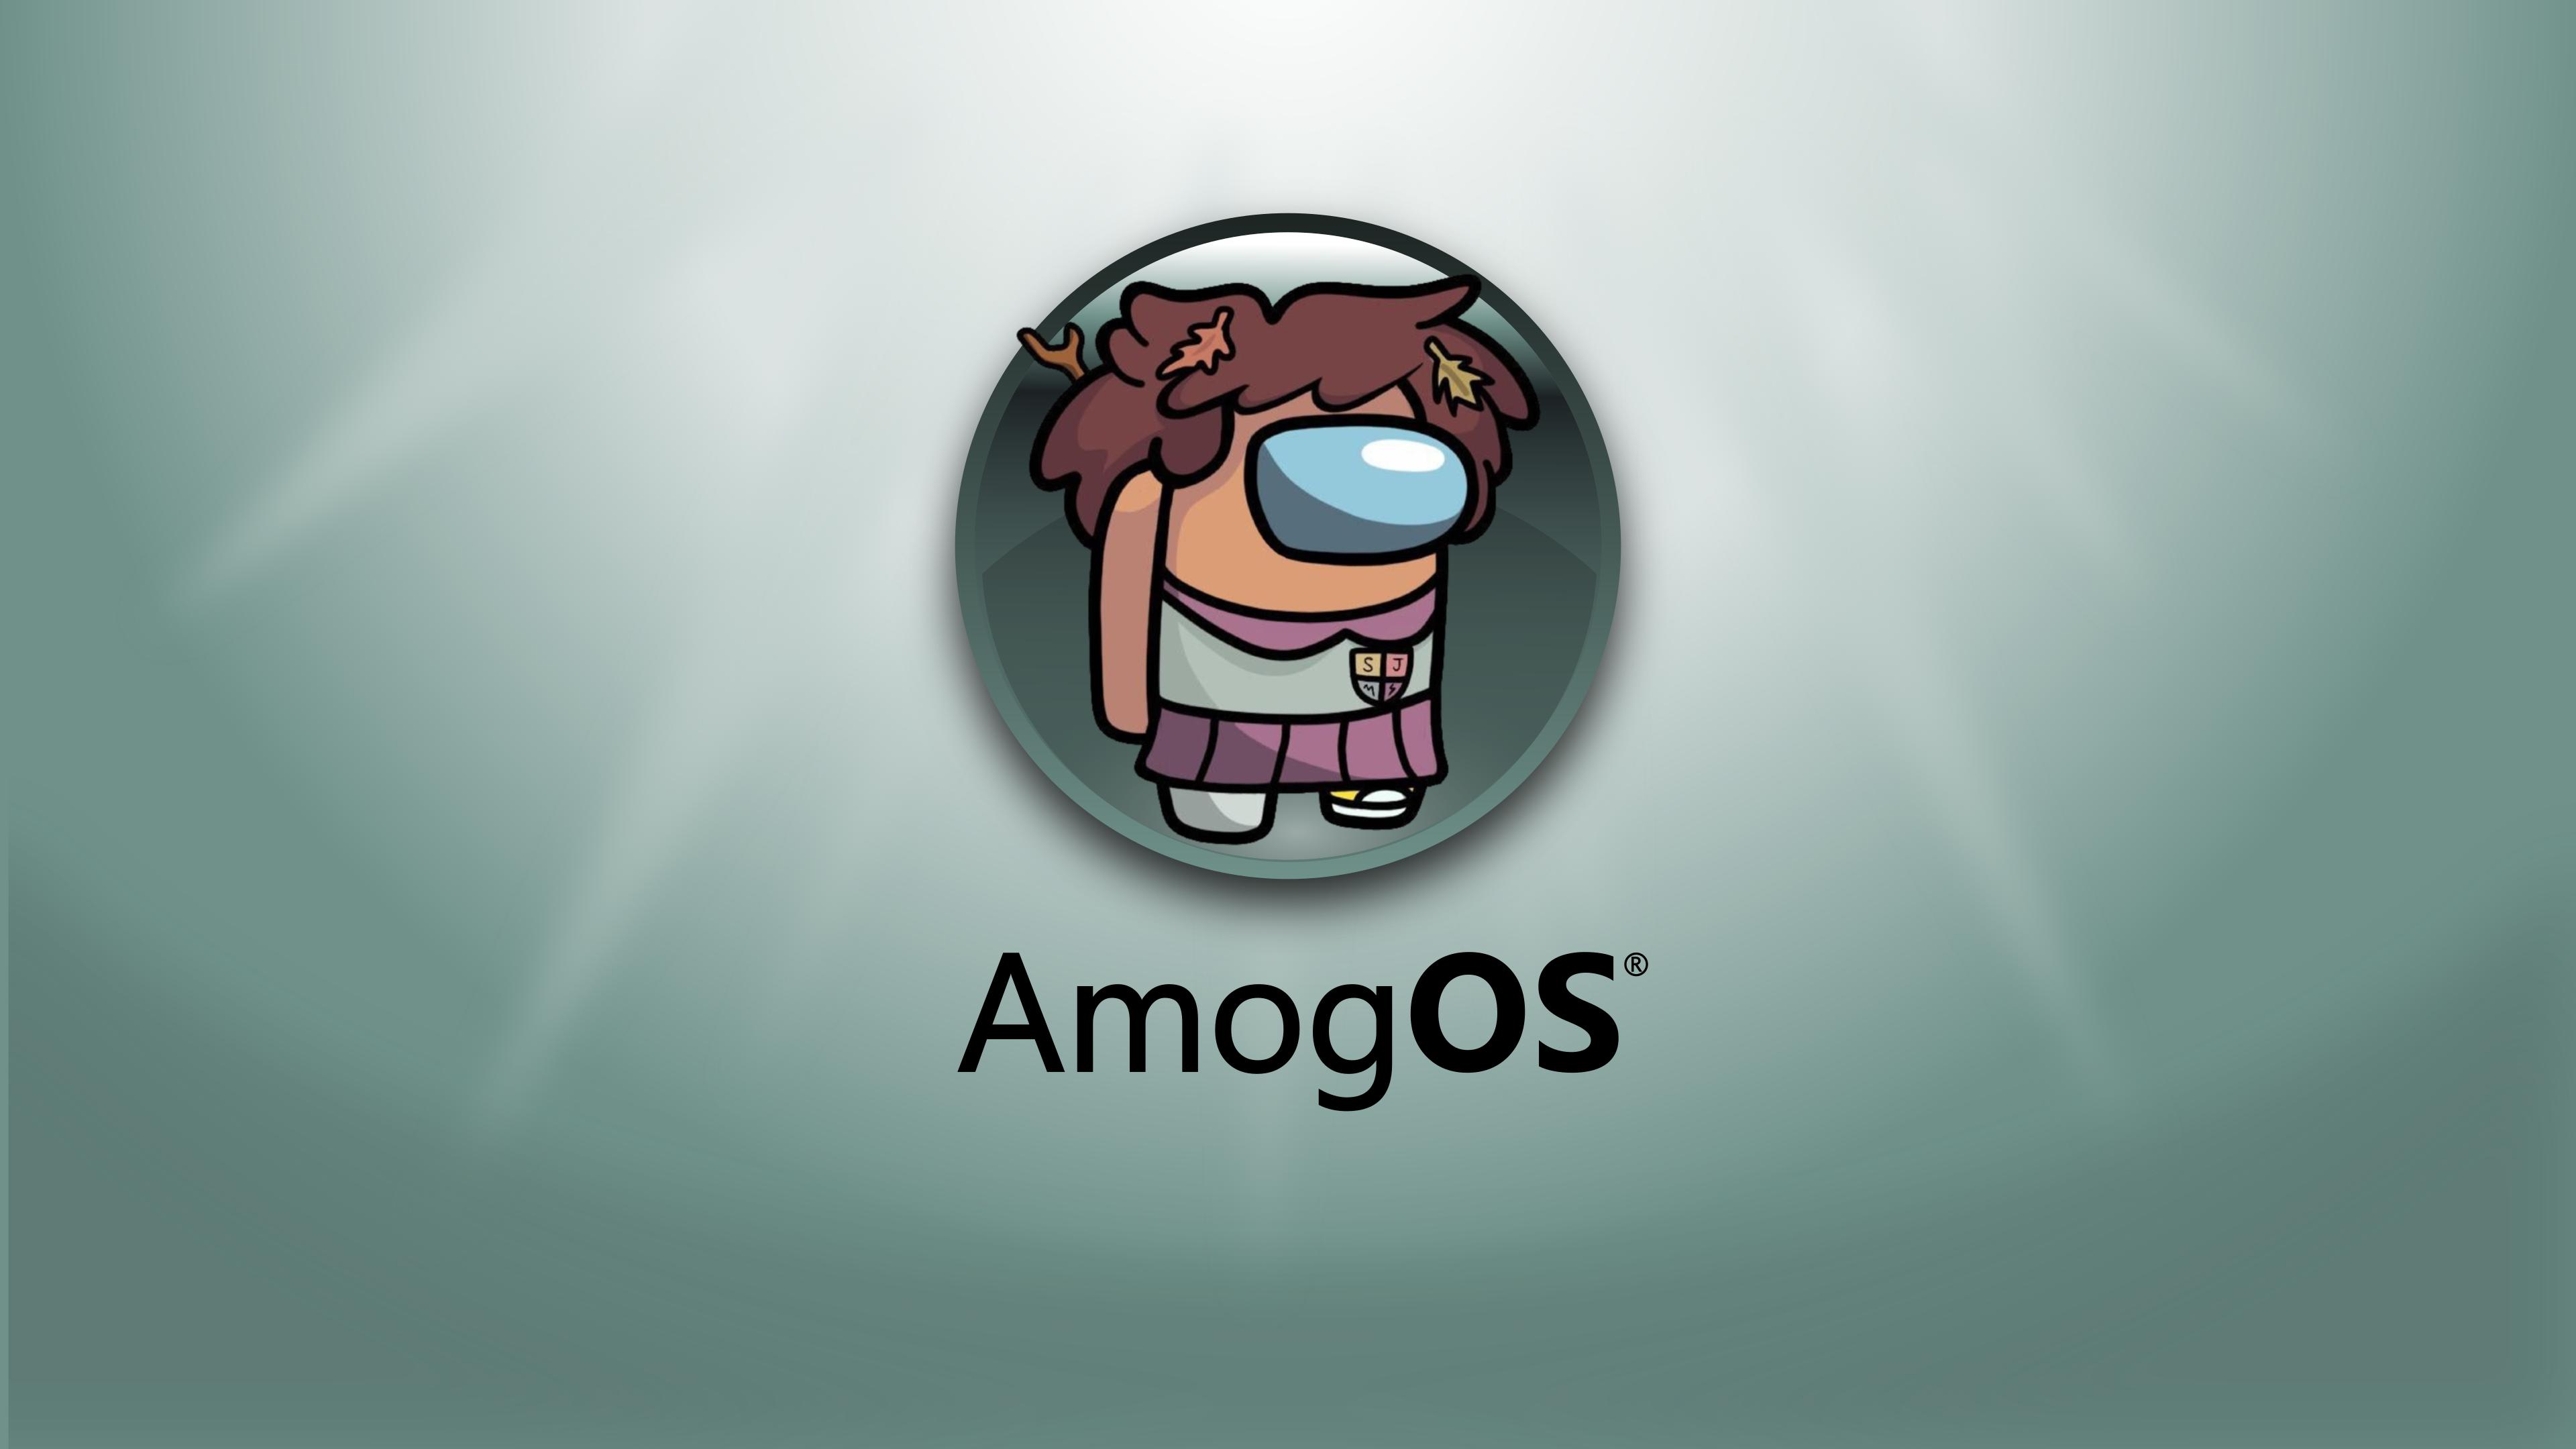 GitHub - jostroOS/AmogOS: ඞ Among-us ...